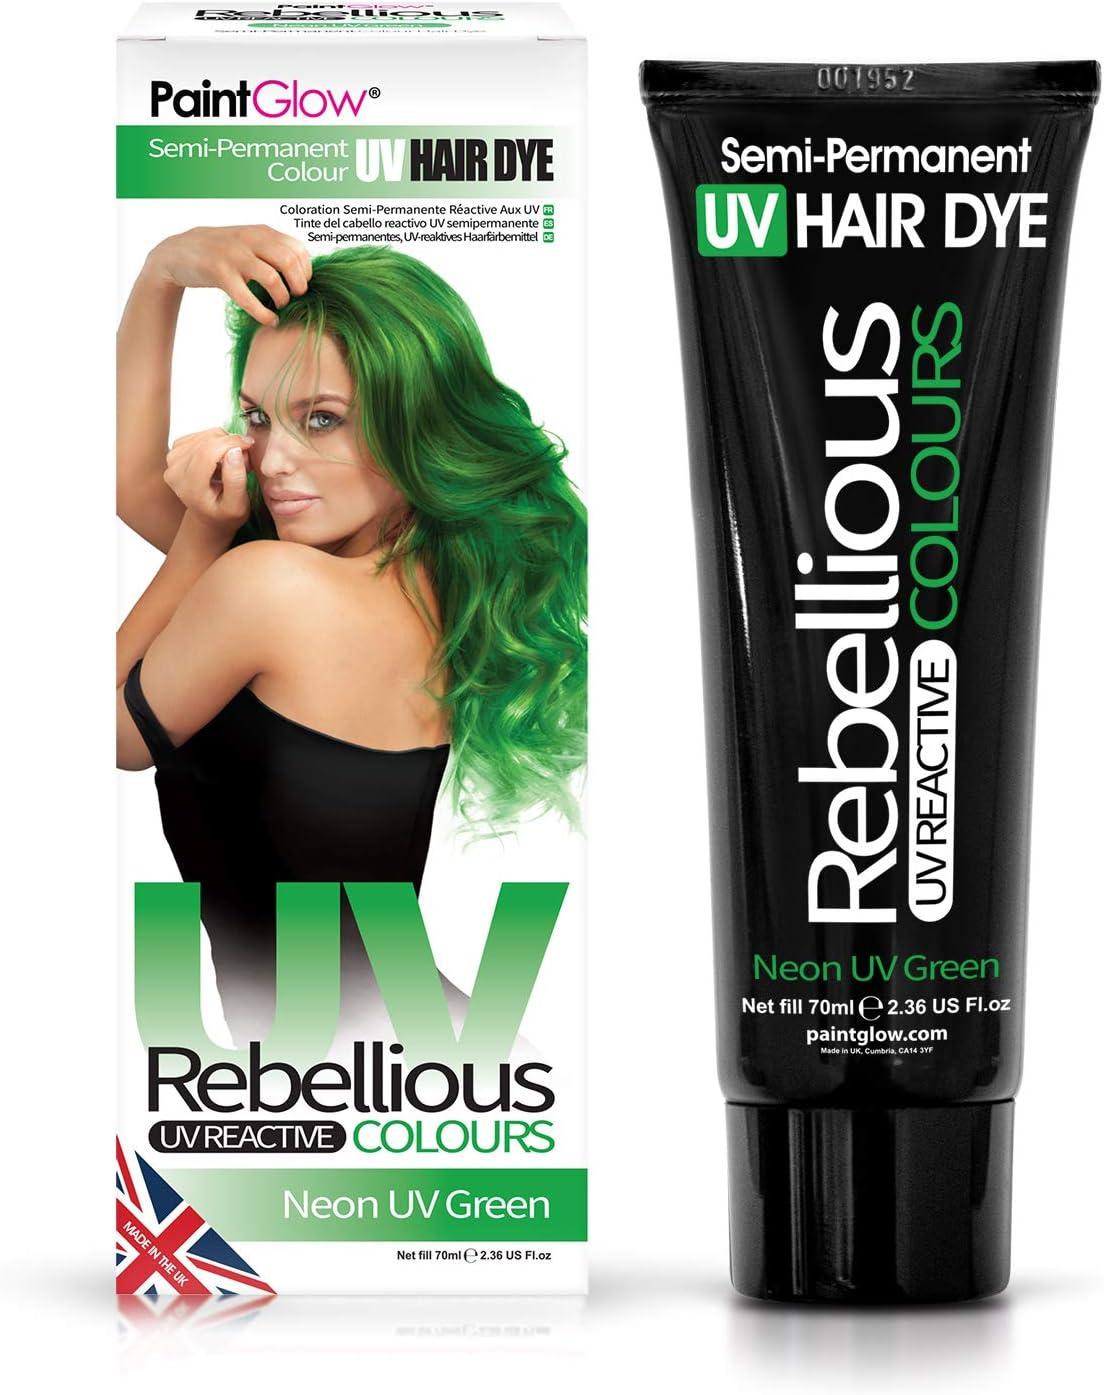 Neon UV Green, tinte para el cabello semipermanente - Colores rebeldes